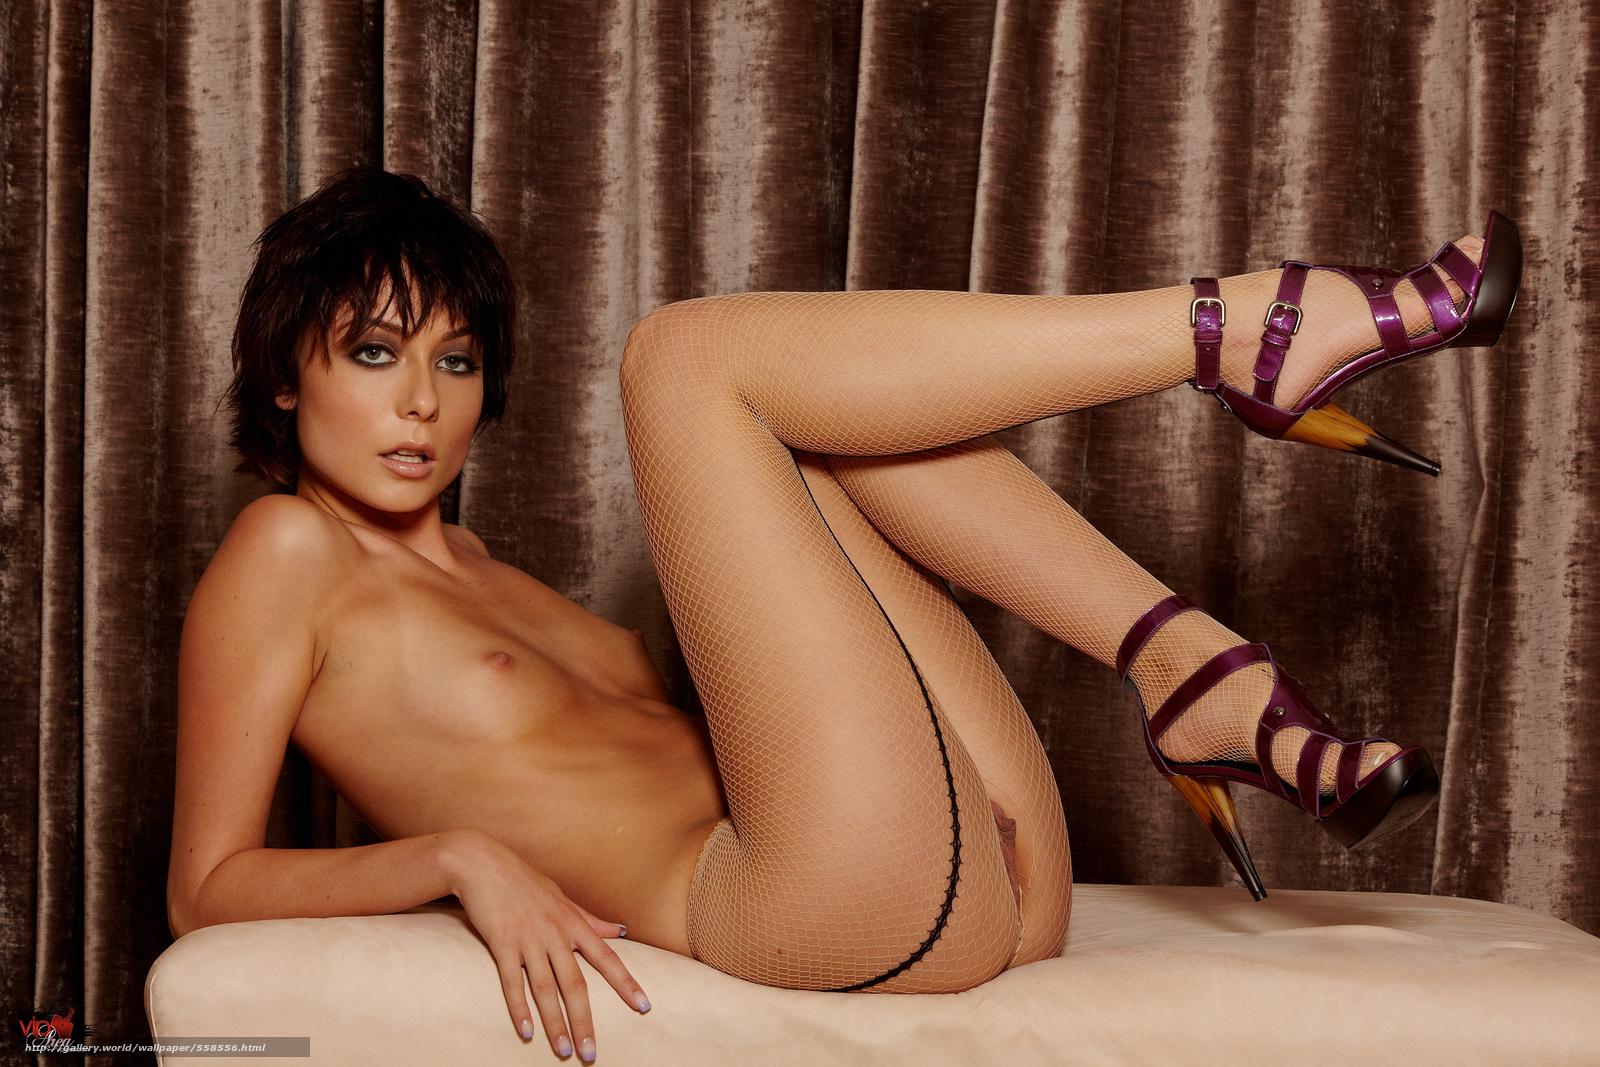 Смотреть эротику моделей фото 29 фотография